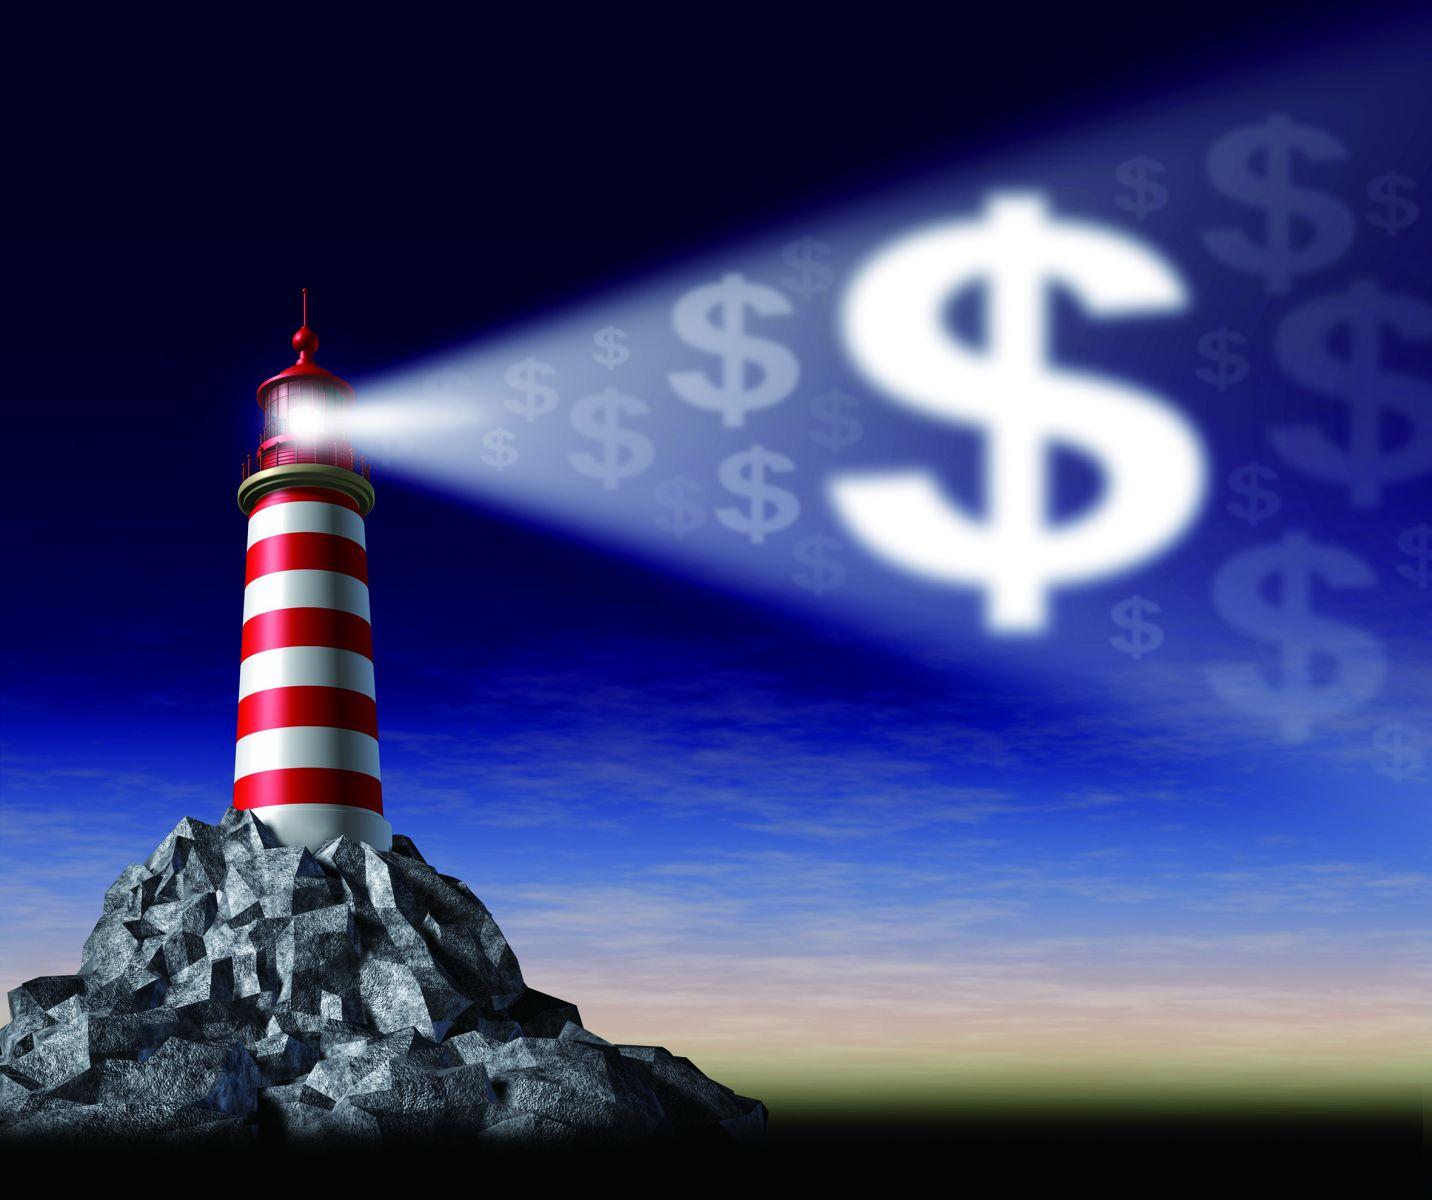 高價景氣循環股、業績衰退股  為何這2種股票 殖利率再高也不能買?